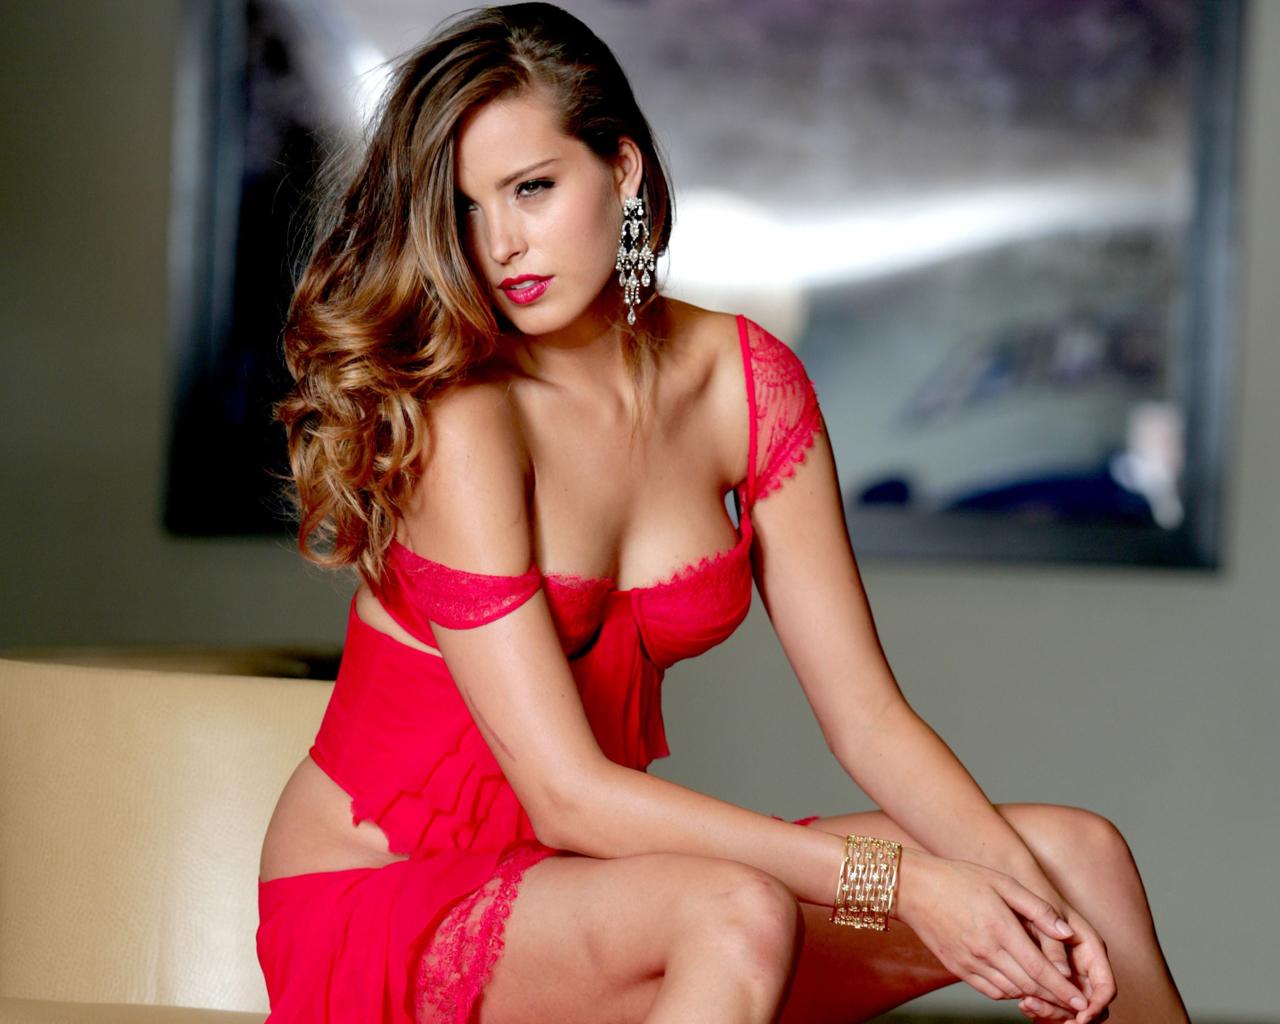 http://2.bp.blogspot.com/-2Ez6V8Yv5qY/TsPeACK8ZxI/AAAAAAAADsE/4kFCmDgexDc/s1600/Kate+Beckinsale+%252815%2529.jpg